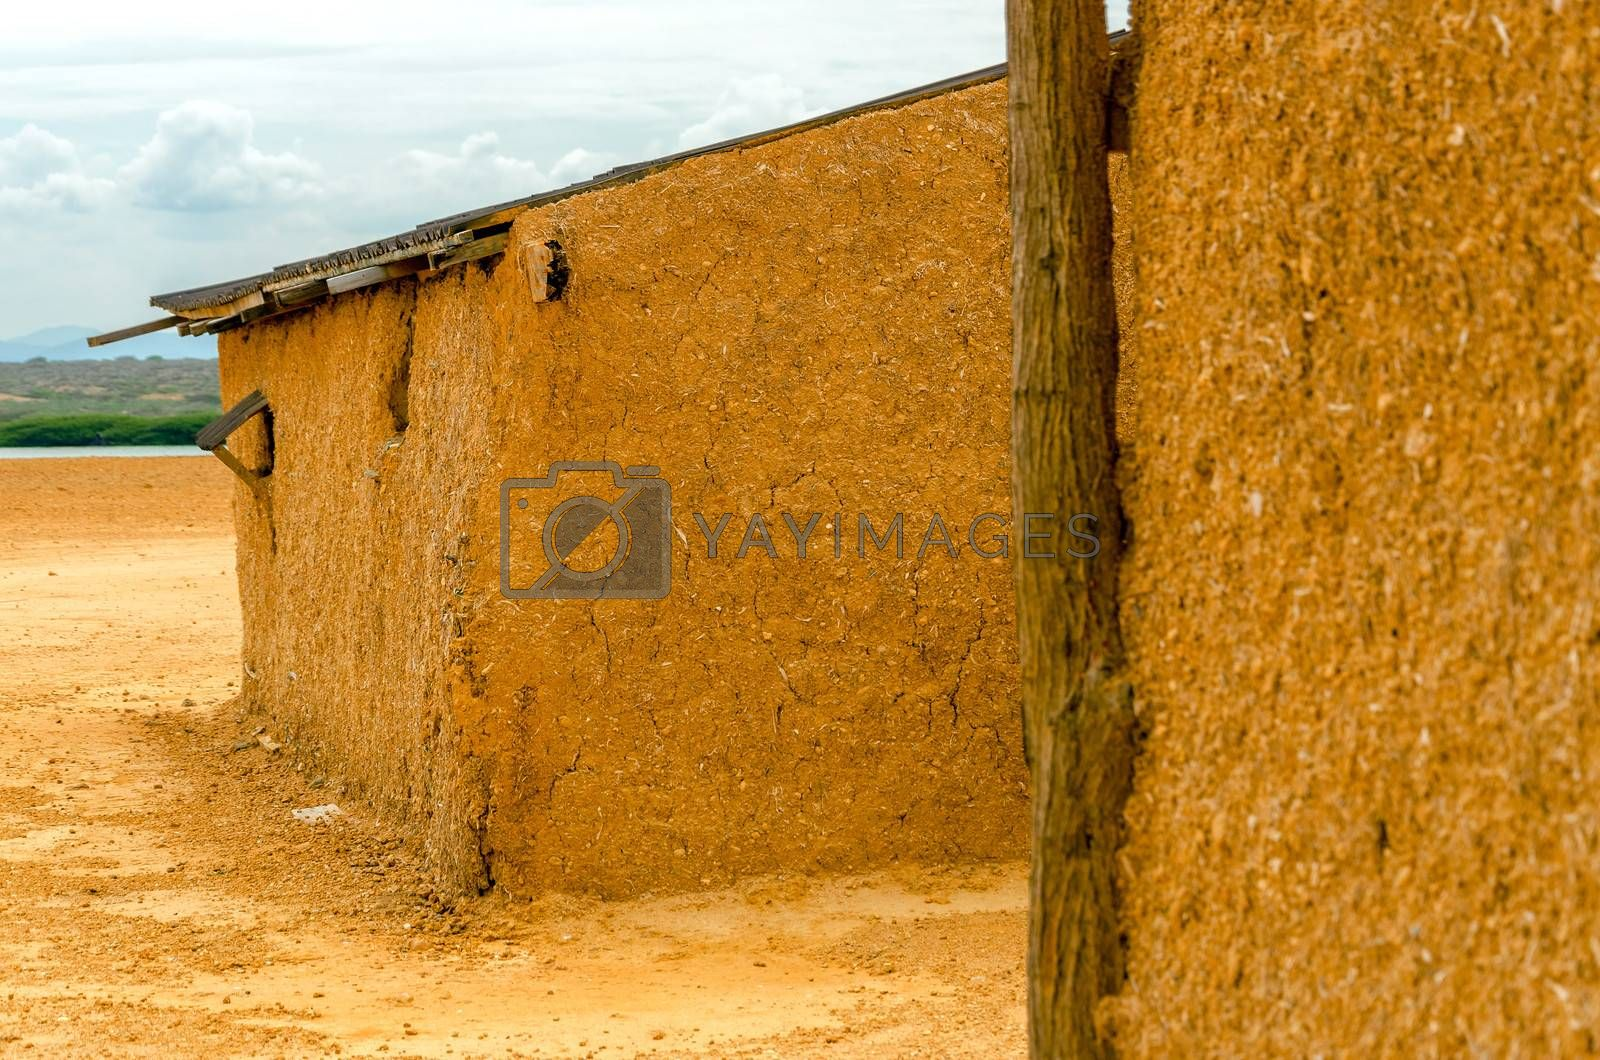 Mud shack in a desert region in La Guajira, Colombia